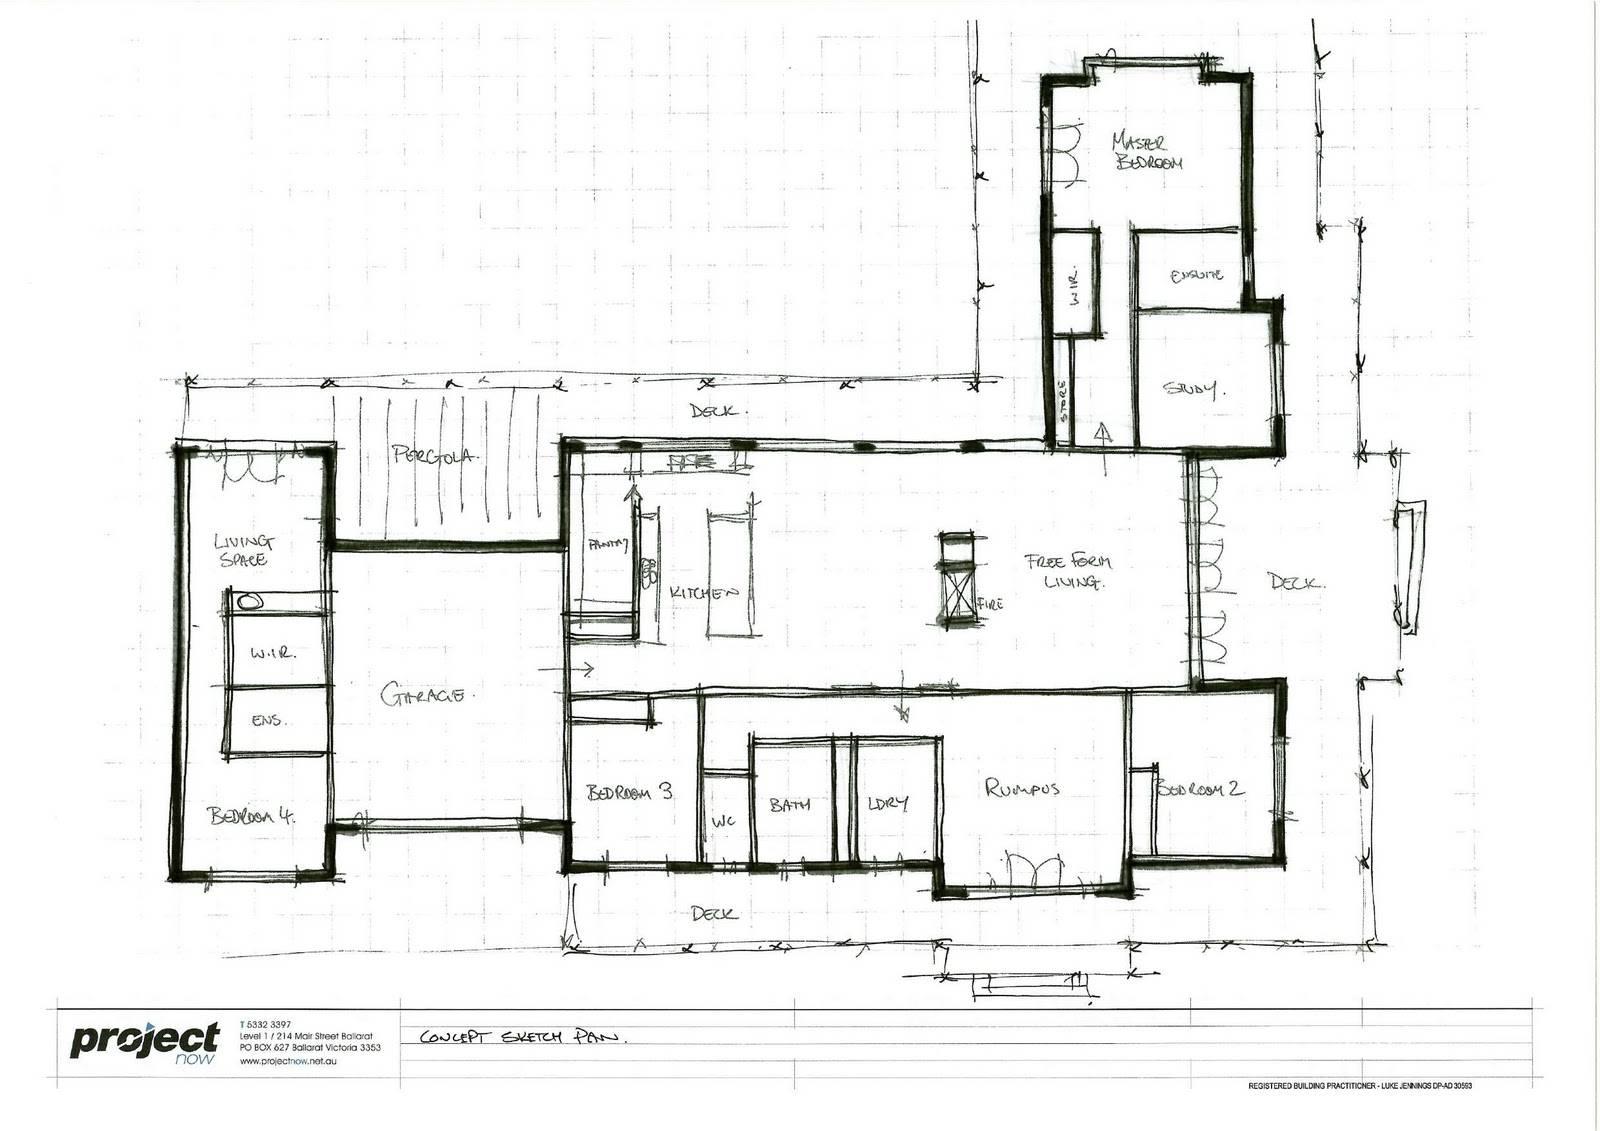 Bit Sketch Idea Our House Plans 246312 Floor Plan Rendering Drawing Hand 8 On Floor Plan Rendering